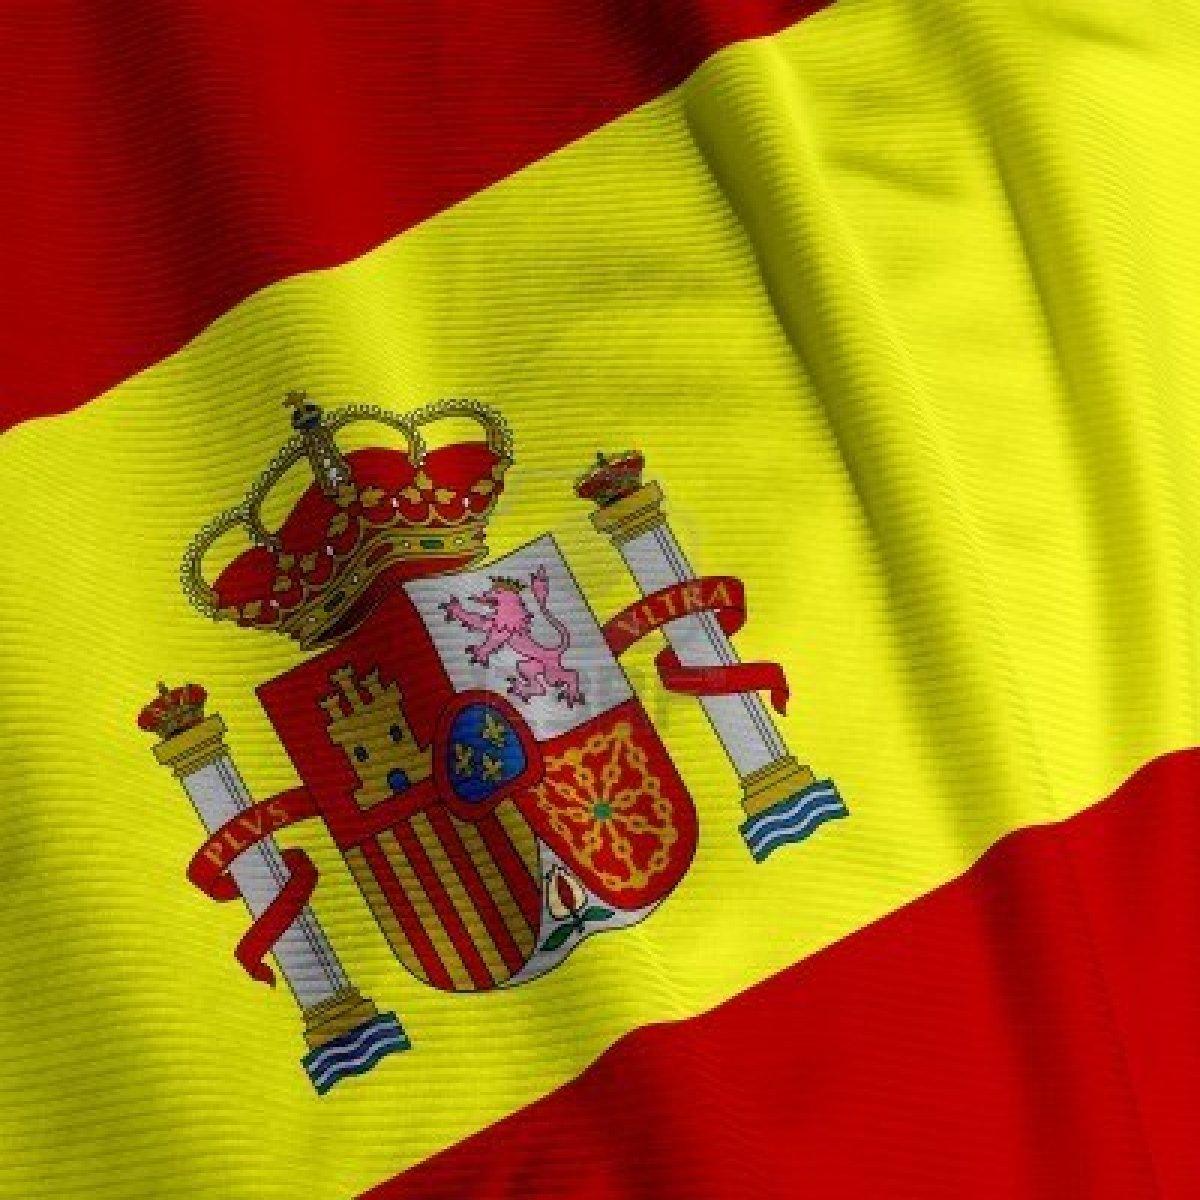 Literatura em língua espanhola em evidência